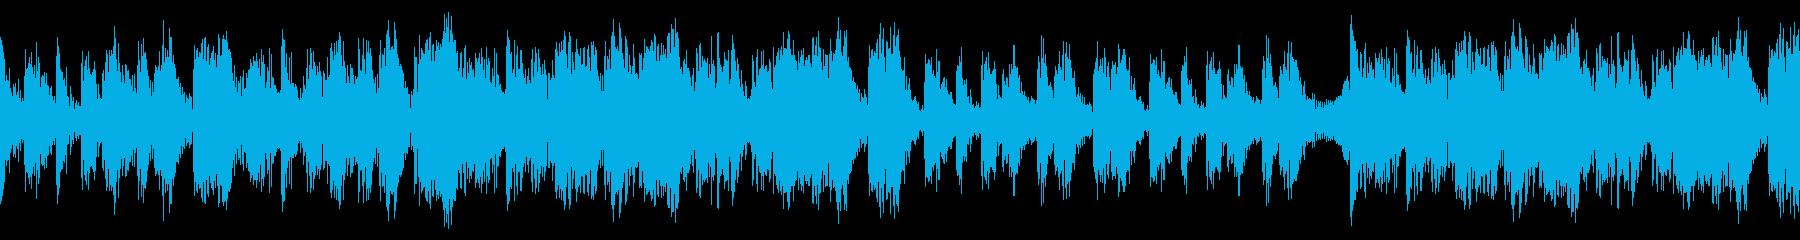 オーケストラの打楽器を使った壮大なリズムの再生済みの波形